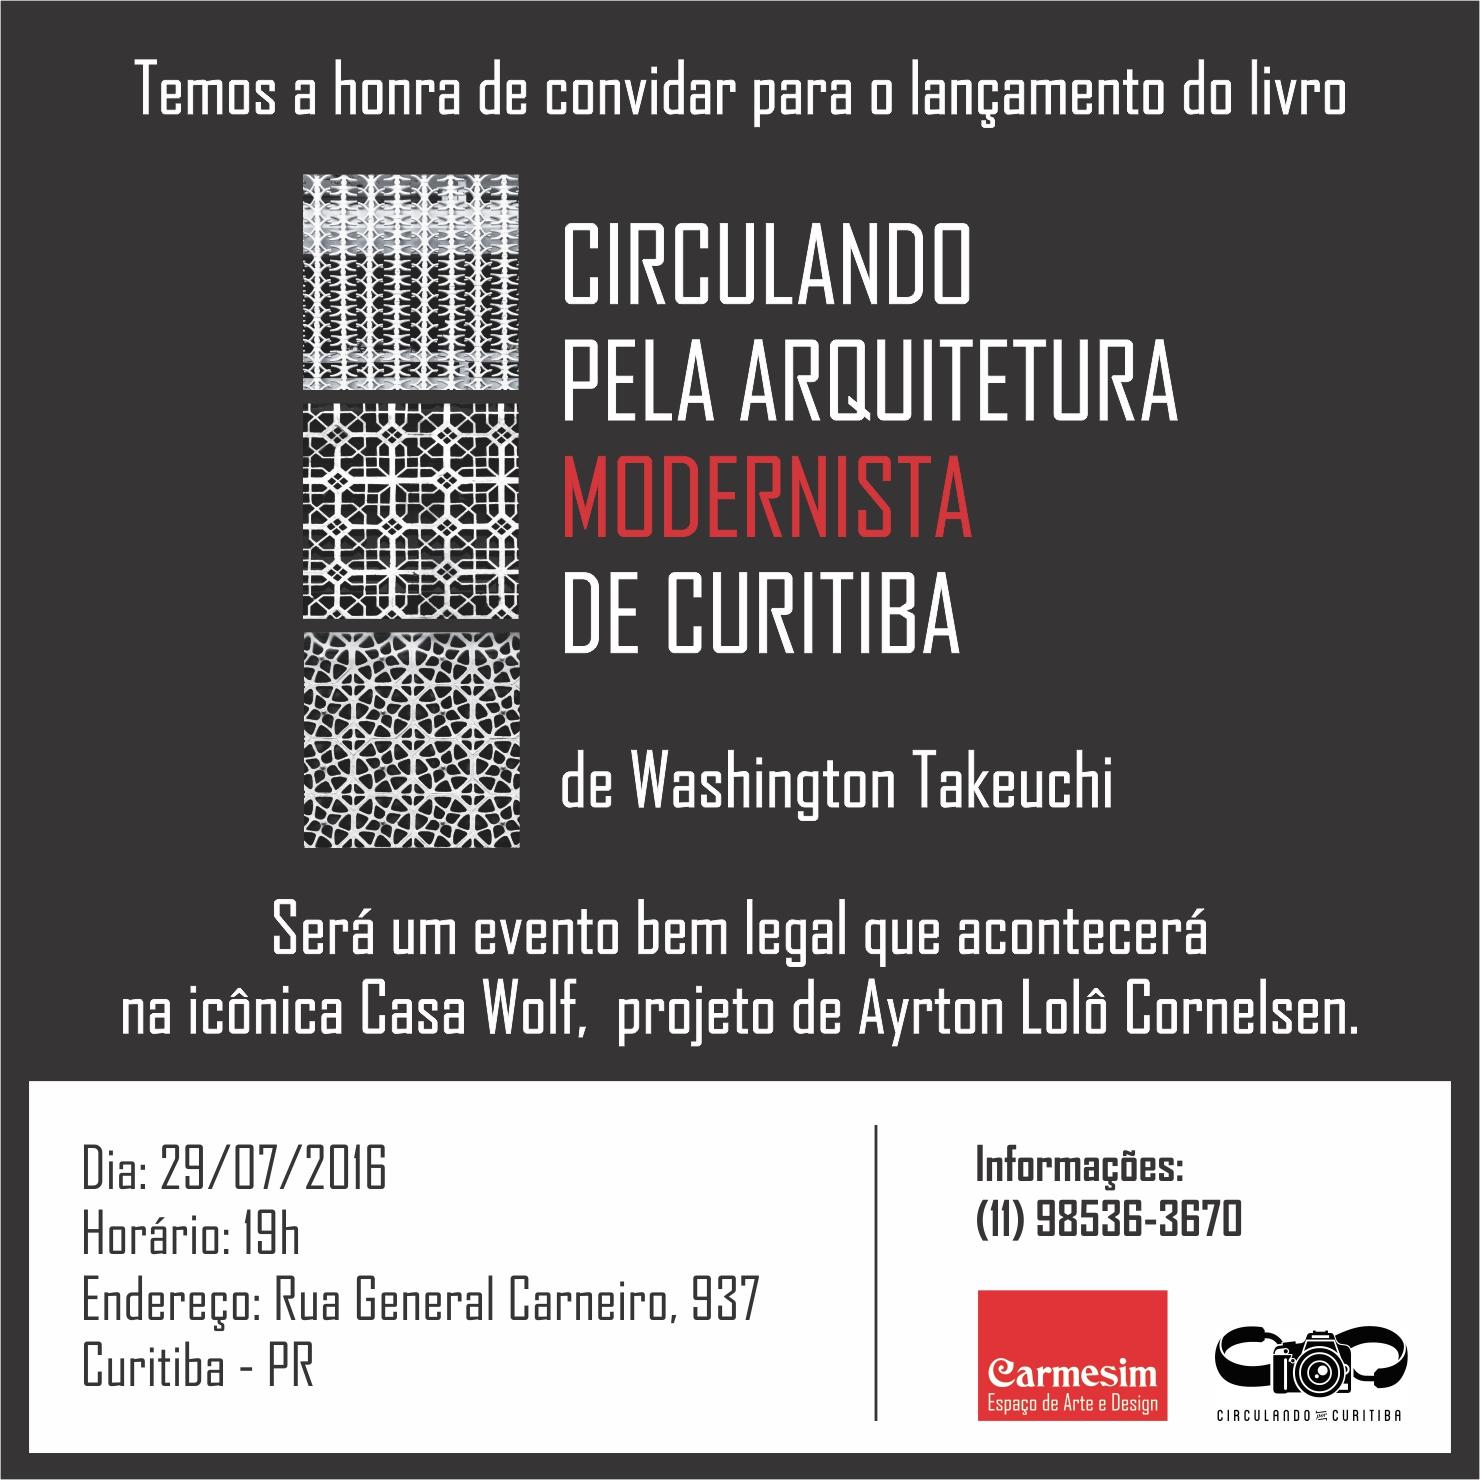 Lançamento do livro Circulando pela Arquitetura Modernista de Curitiba